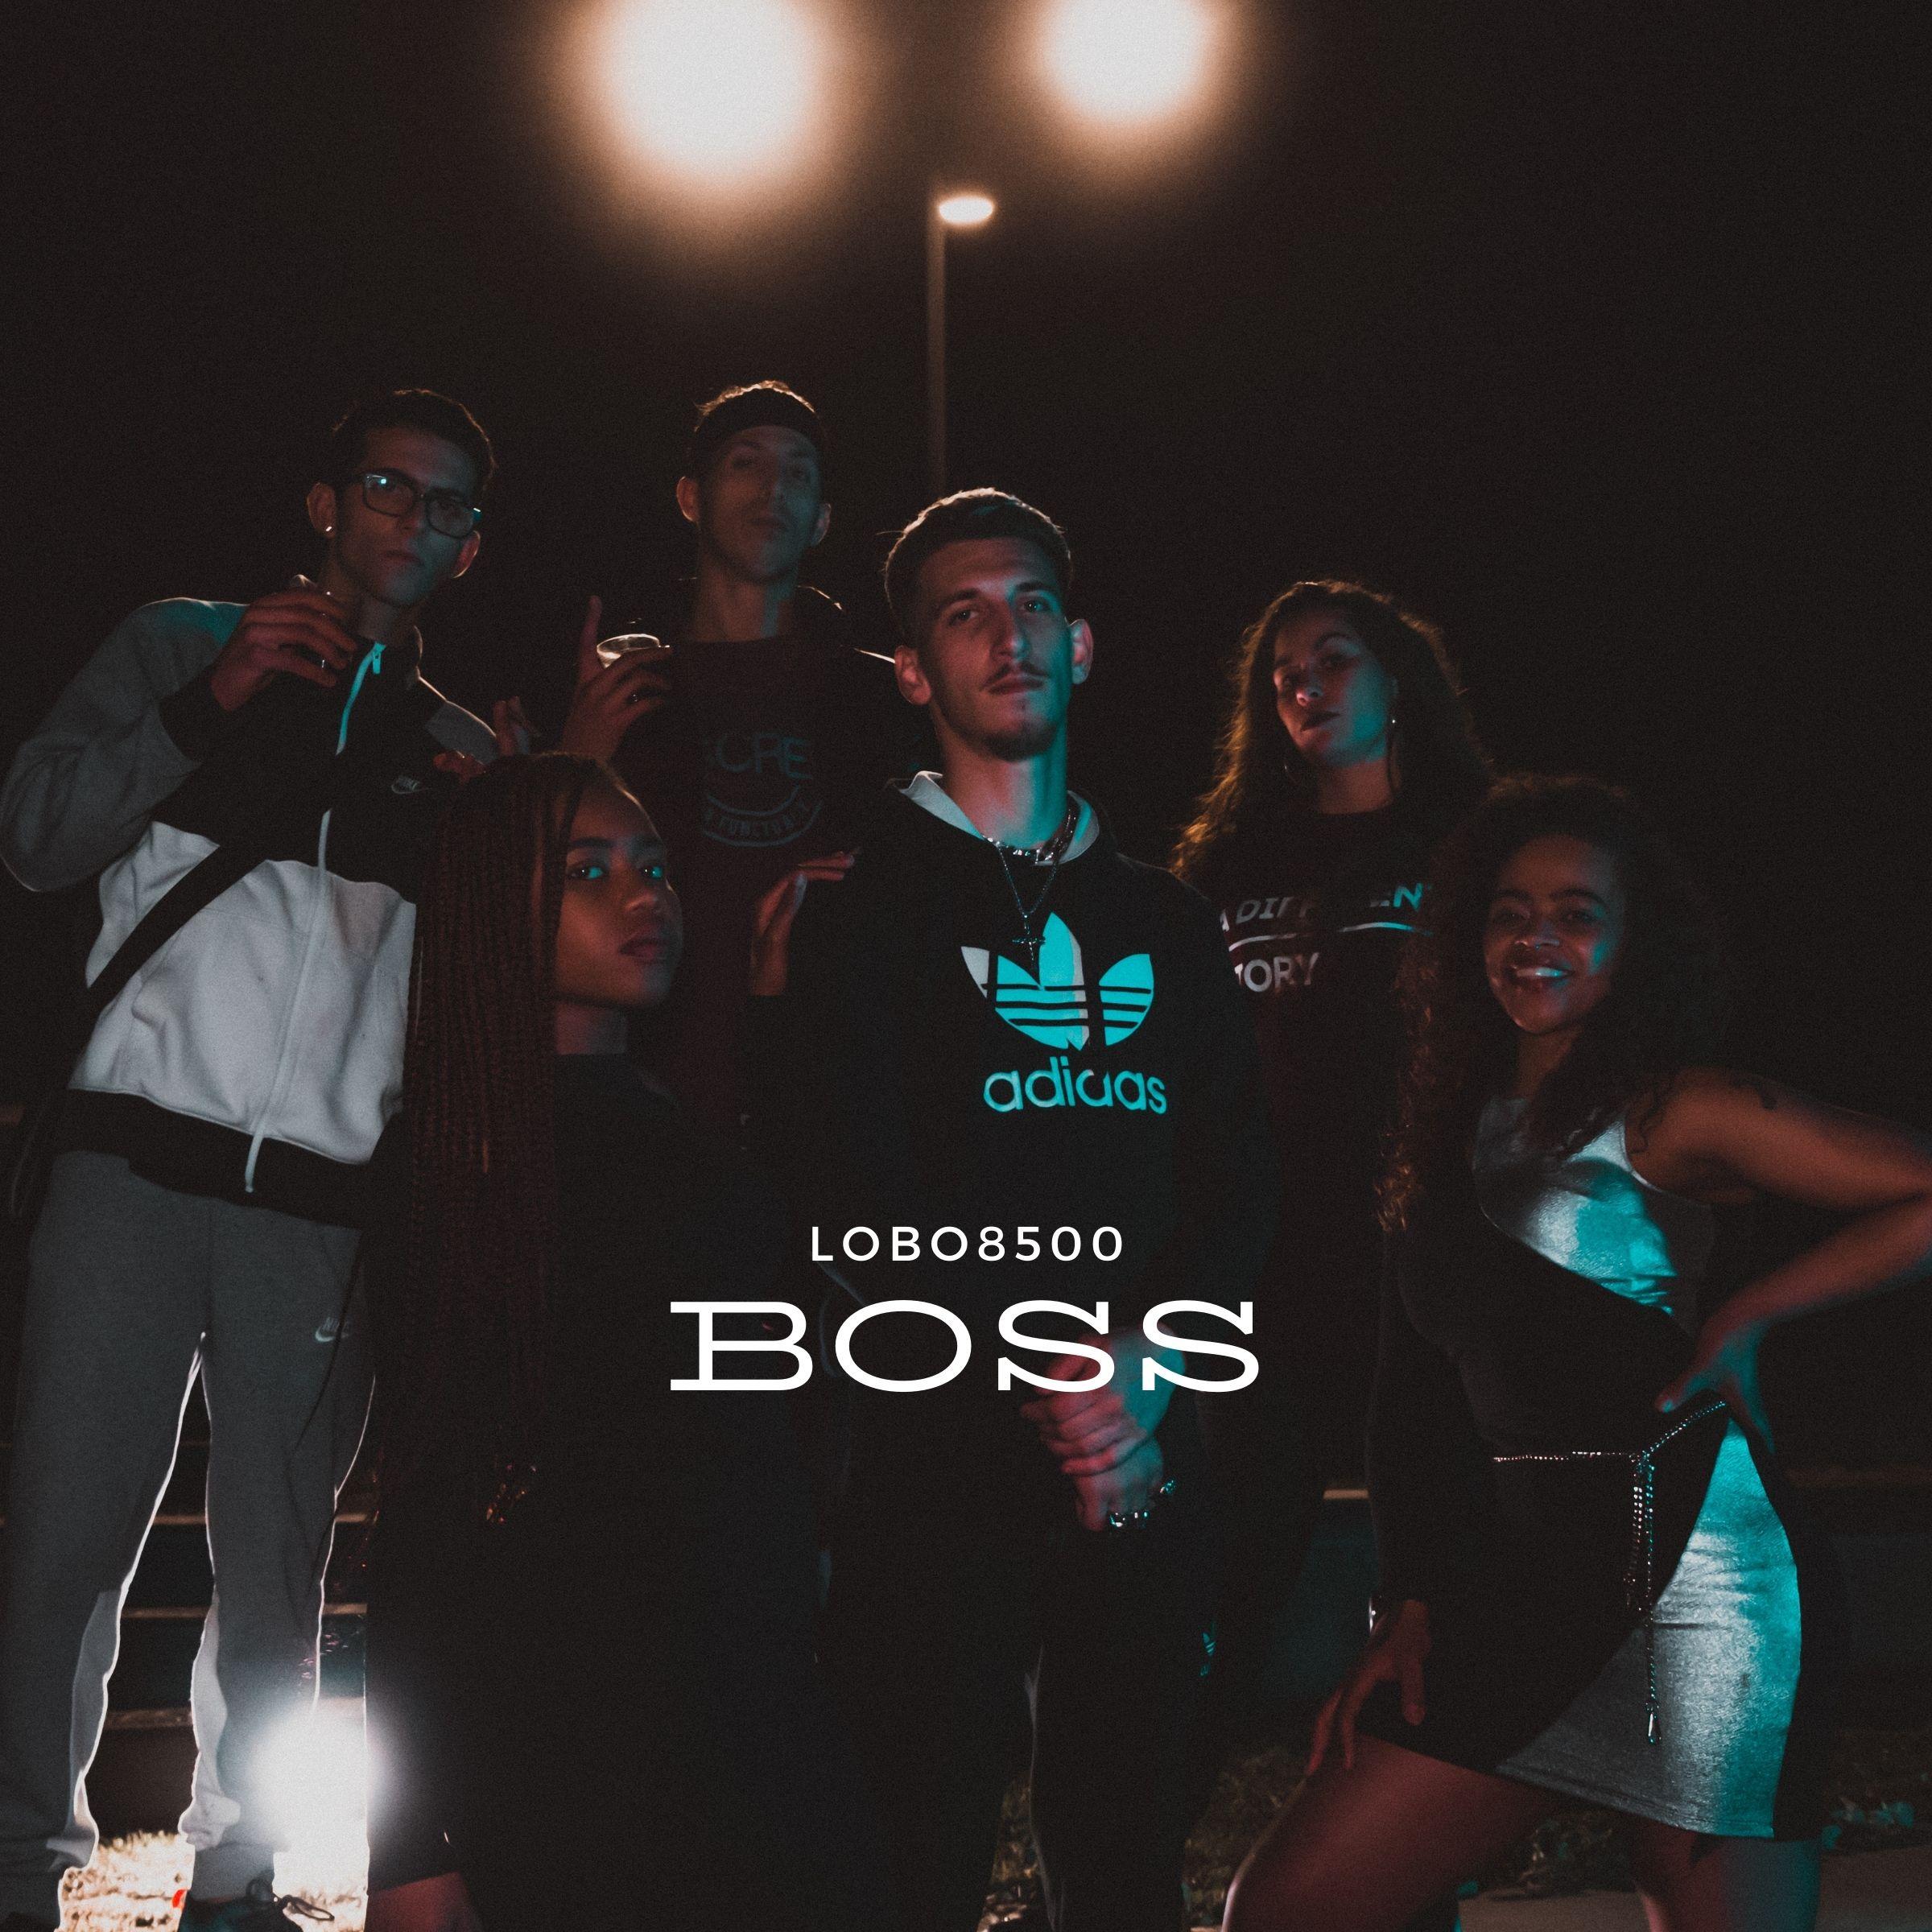 Lobo8500 - Boss